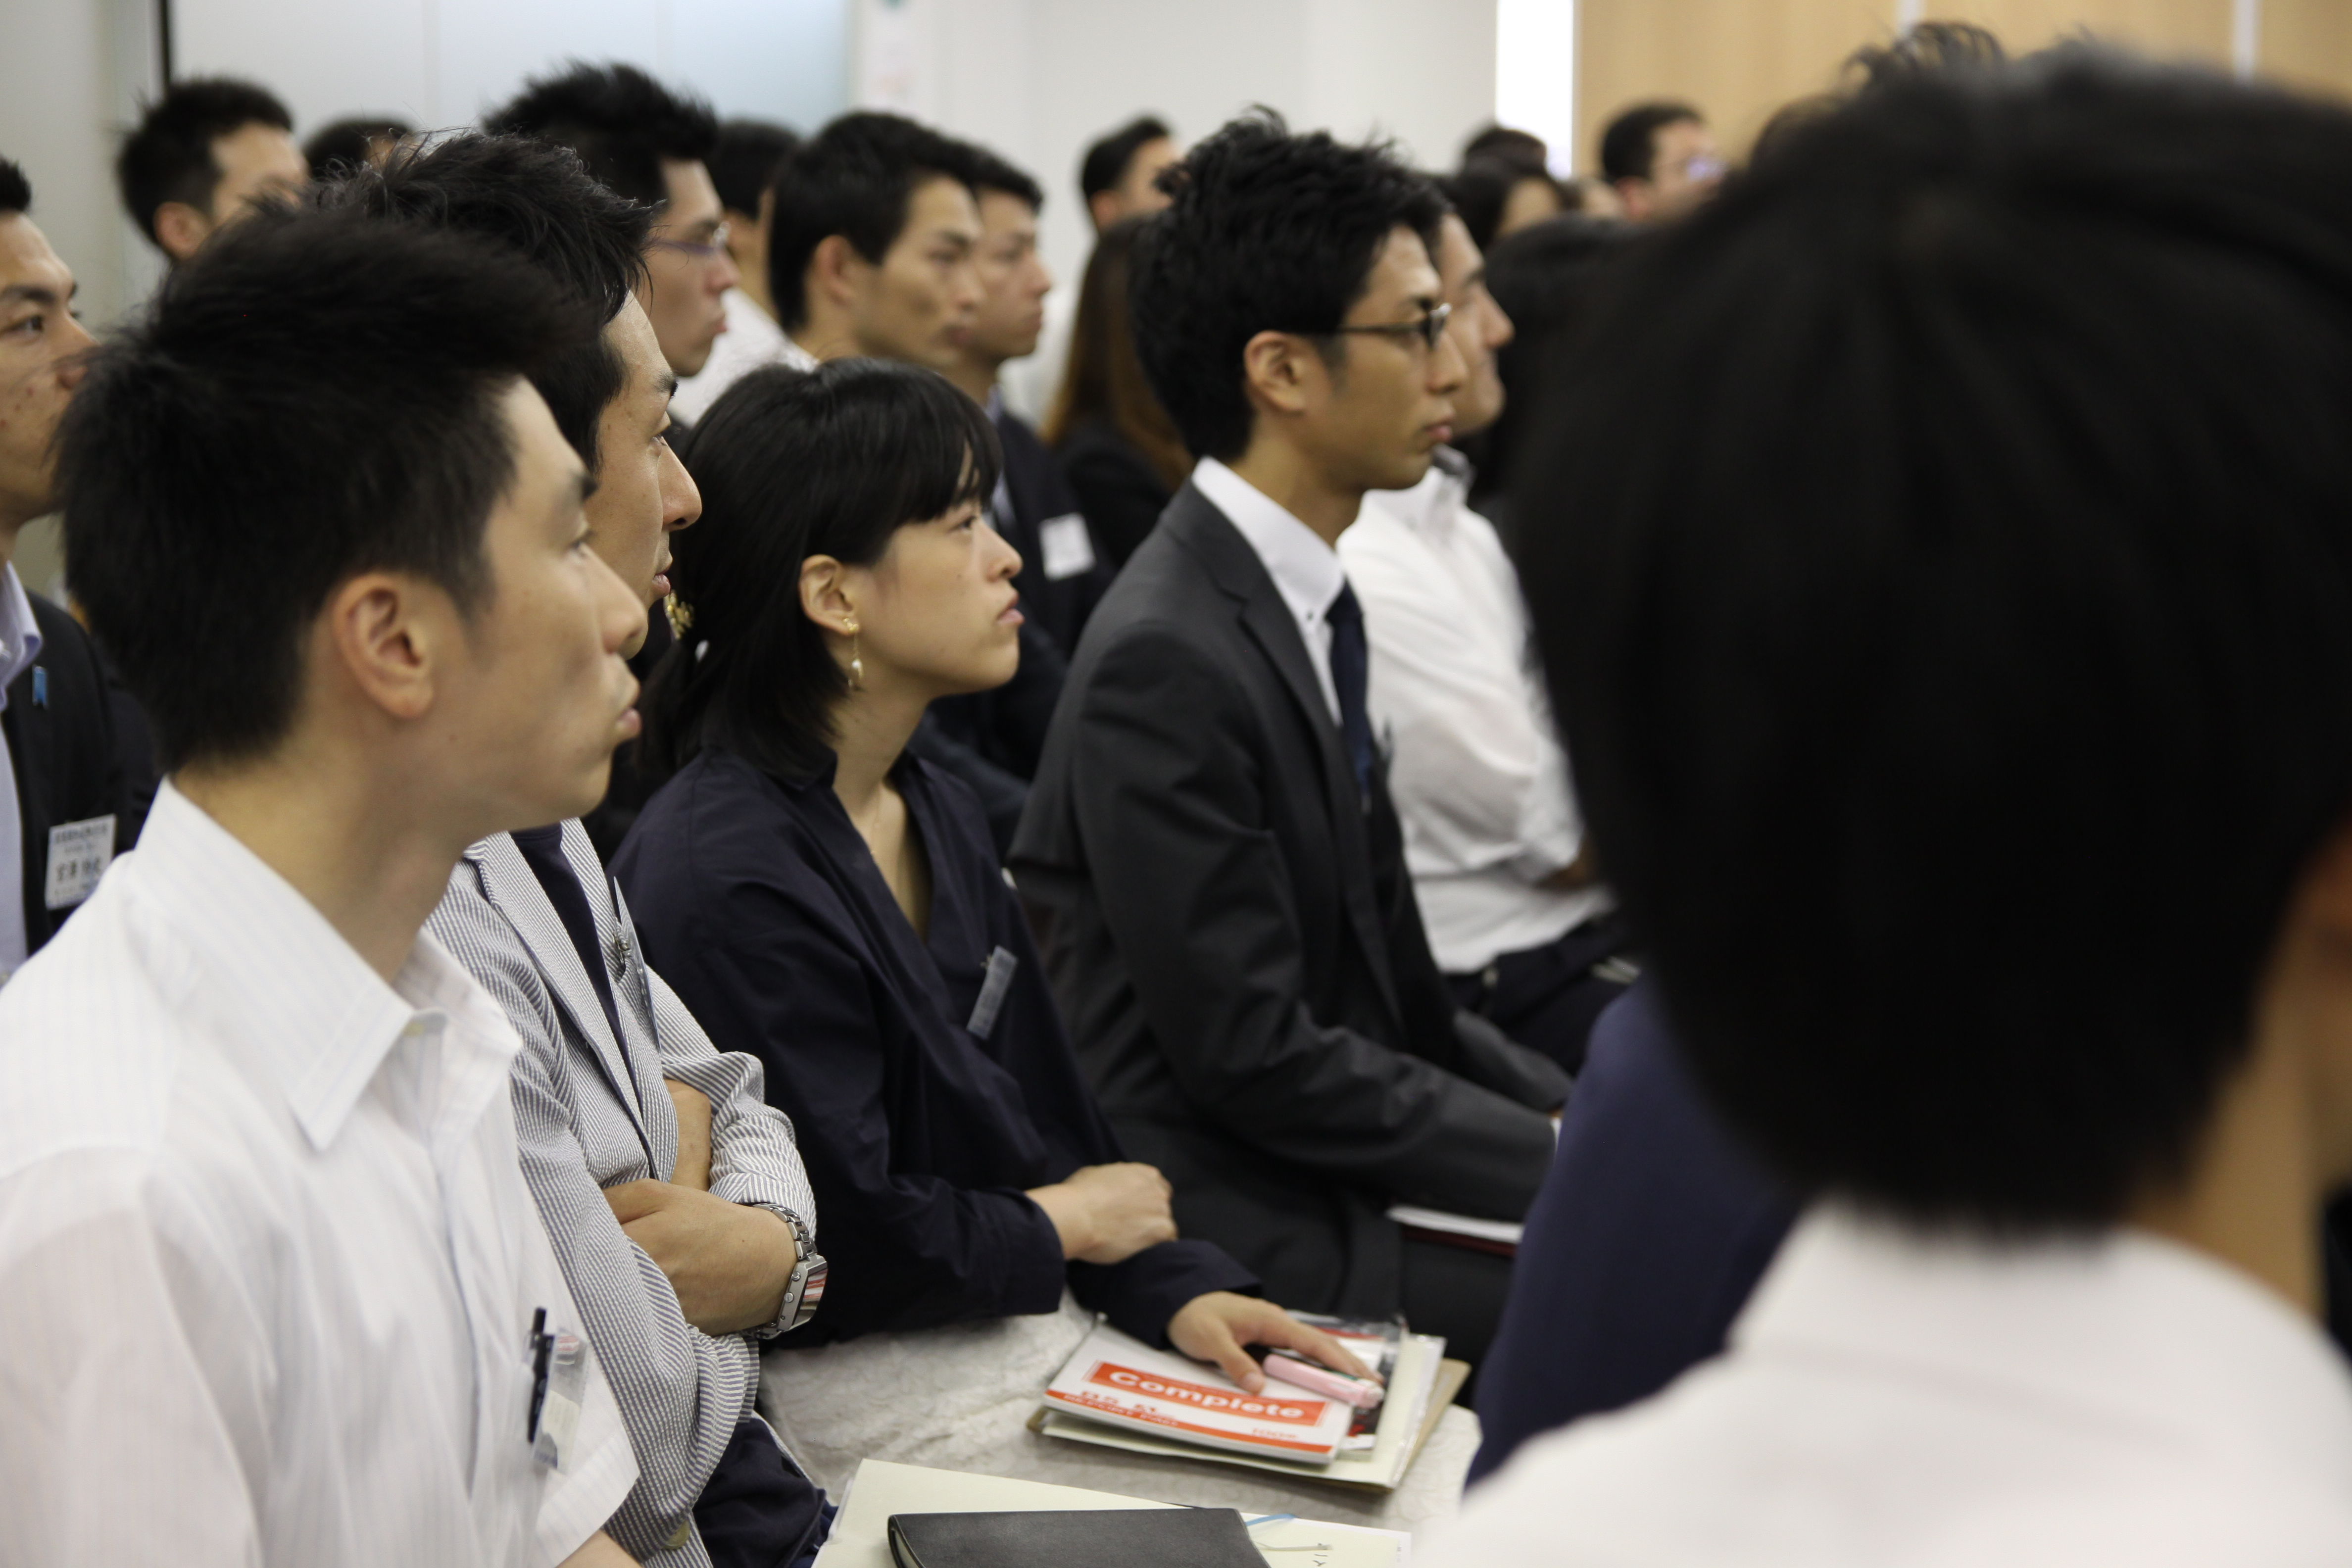 IMG 4705 - 関東若獅子の会、記念すべき第100回